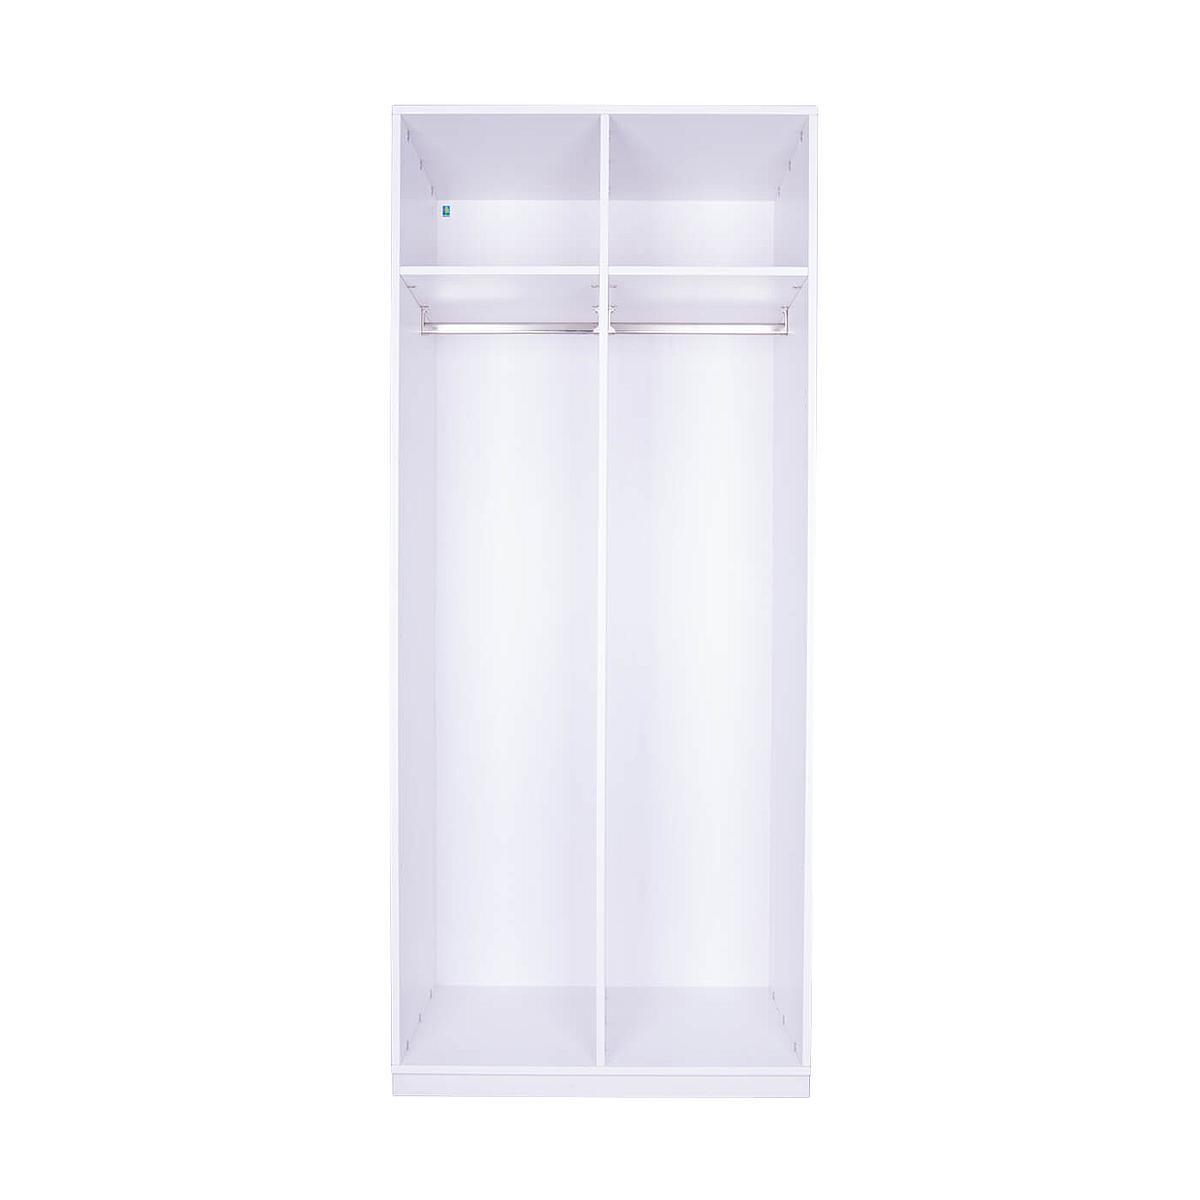 Kleiderschrank 2-türig hoch 219x93x60cm ohne Türen DESTYLE Debreuyn Buchenfurnierte Spanplatte weiß gebeizt-lackiert